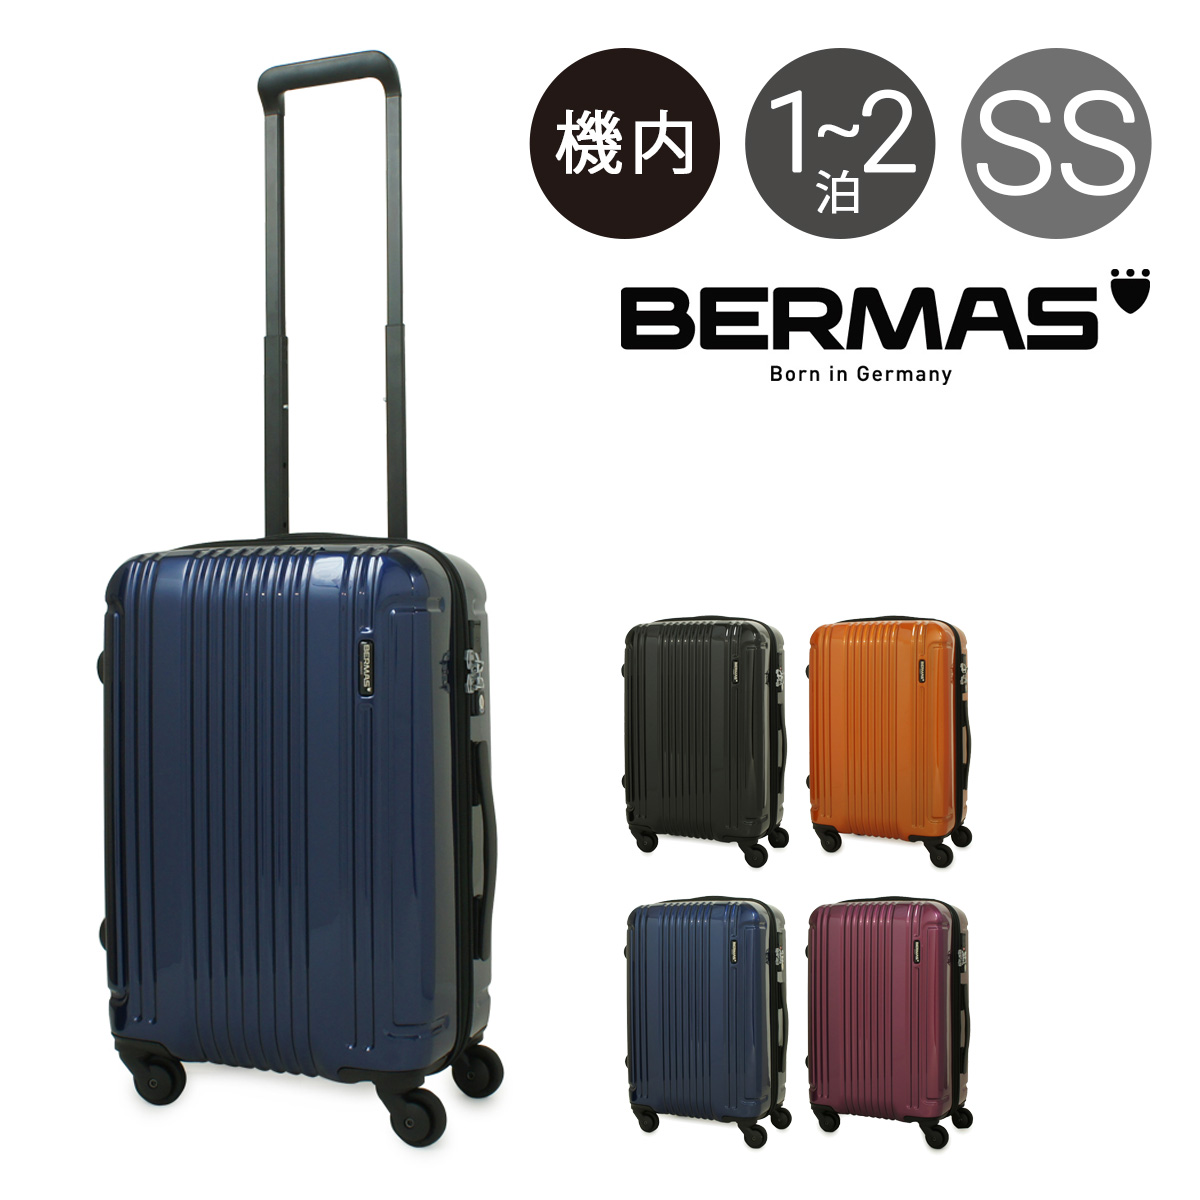 バーマス スーツケース 60280 48cm コネクト 【 BERMAS LCC機内持ち込み USBポート付 キャリーケース ハードキャリー 】【bef】